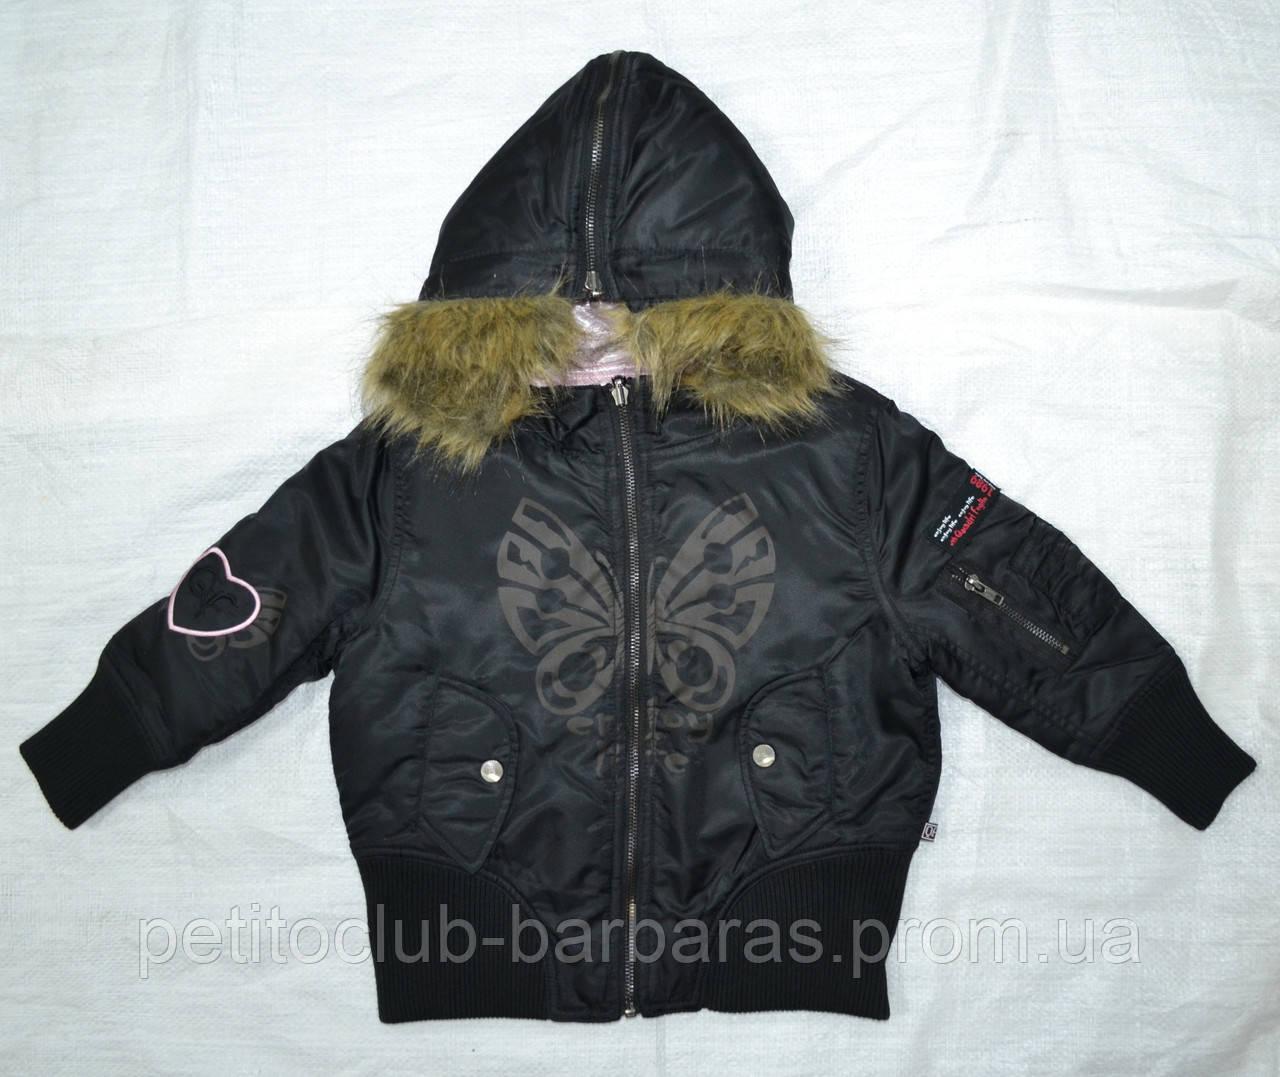 Демисезонная куртка-бомбер 2-сторонняя для девочки черн/роз (Quadrifoglio, Польша)